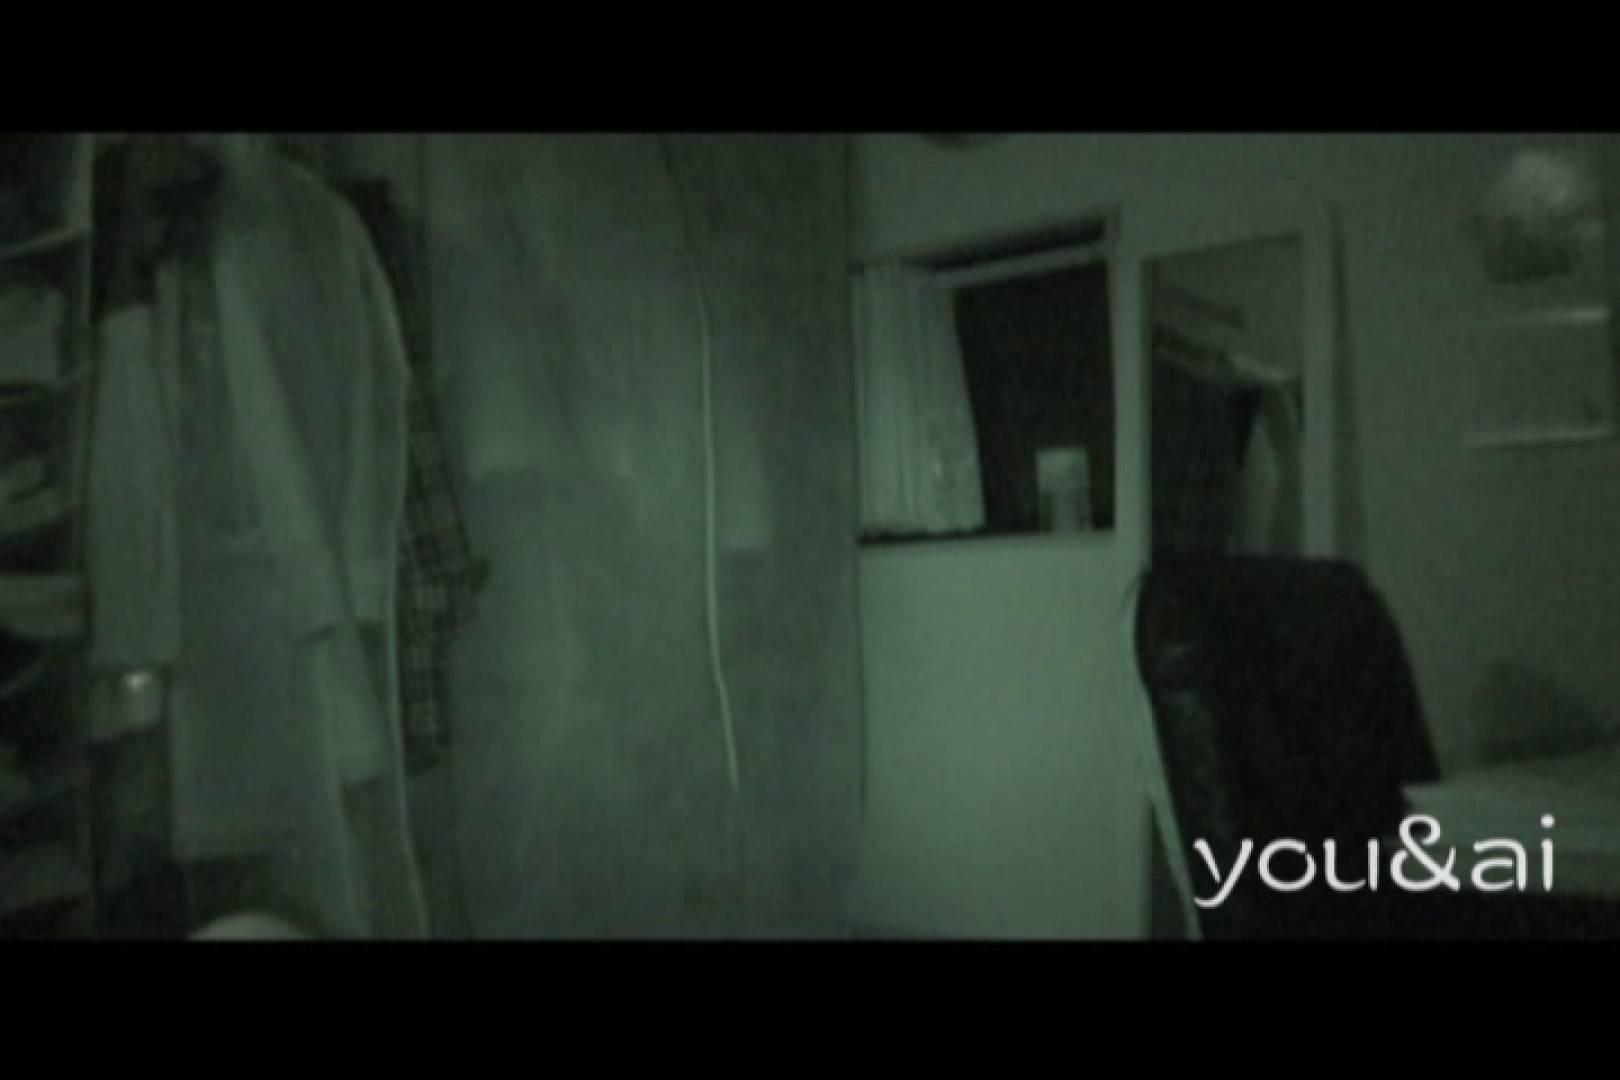 おしどり夫婦のyou&aiさん投稿作品vol.9 エッチなOL | 投稿映像  64pic 61